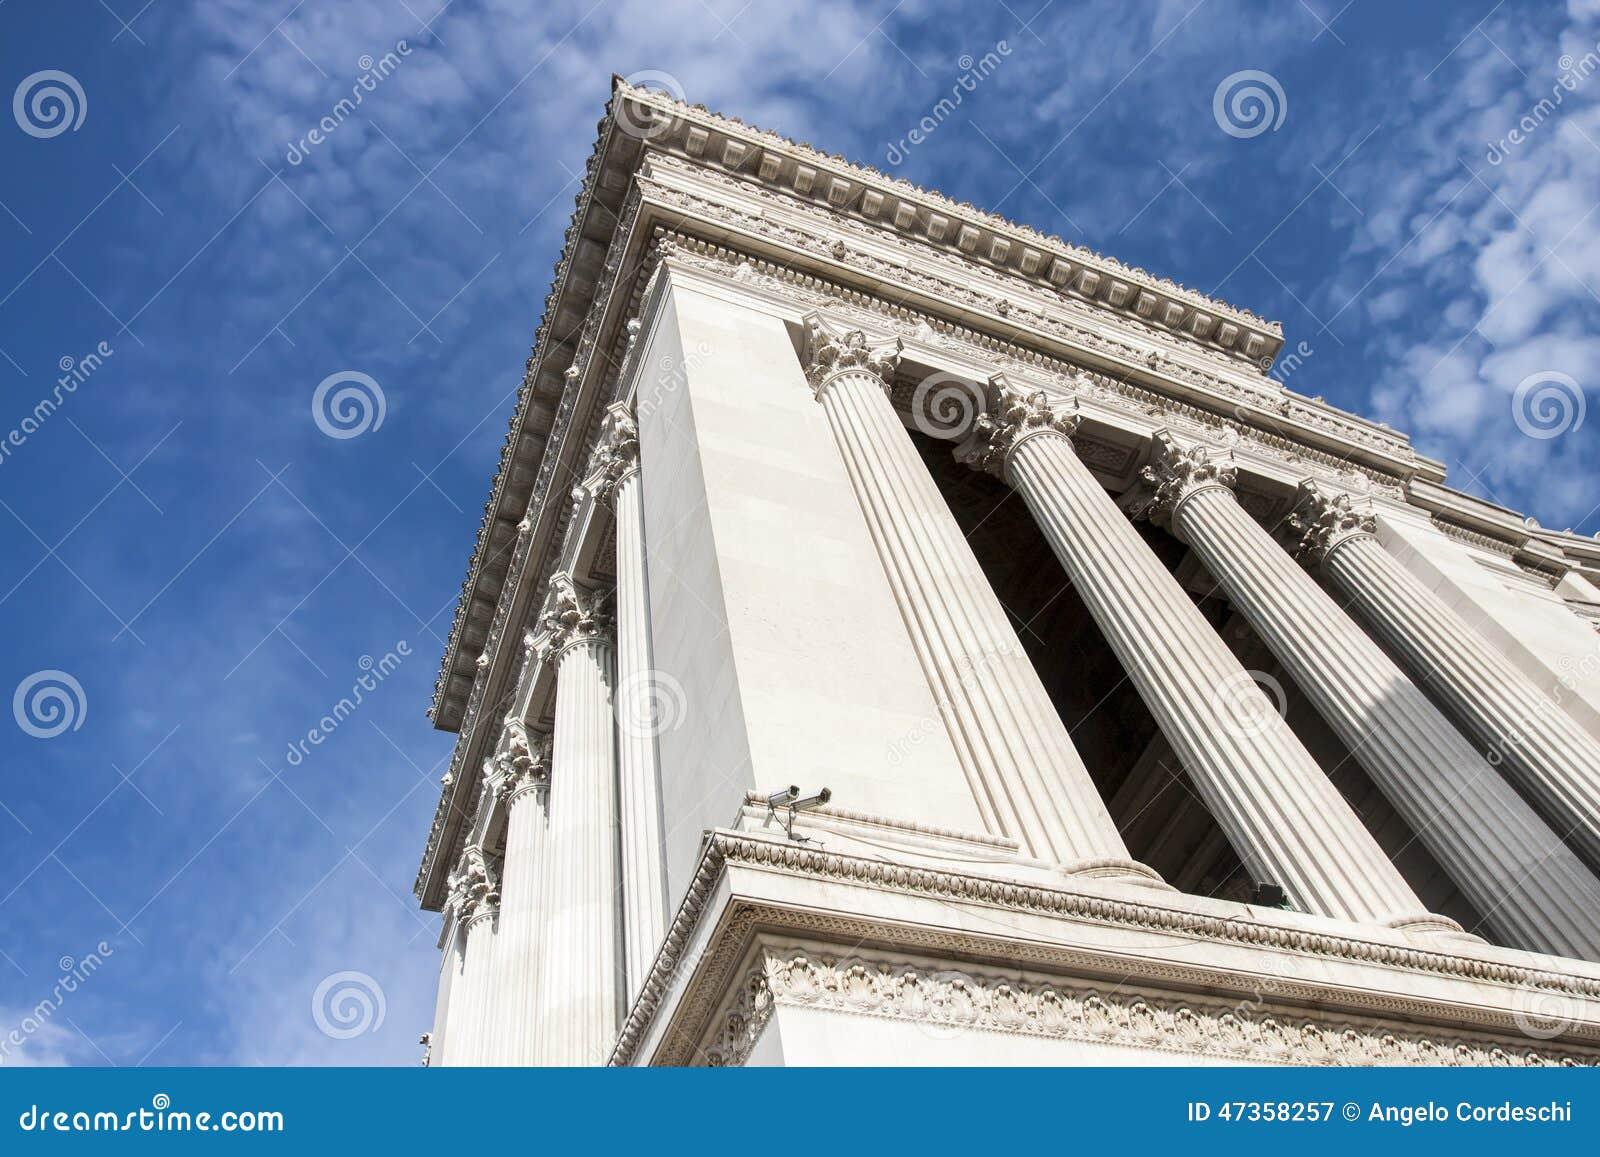 Um detalhe do monumento gigantesco do altar da pátria (vitoriano) a Roma (Itália)